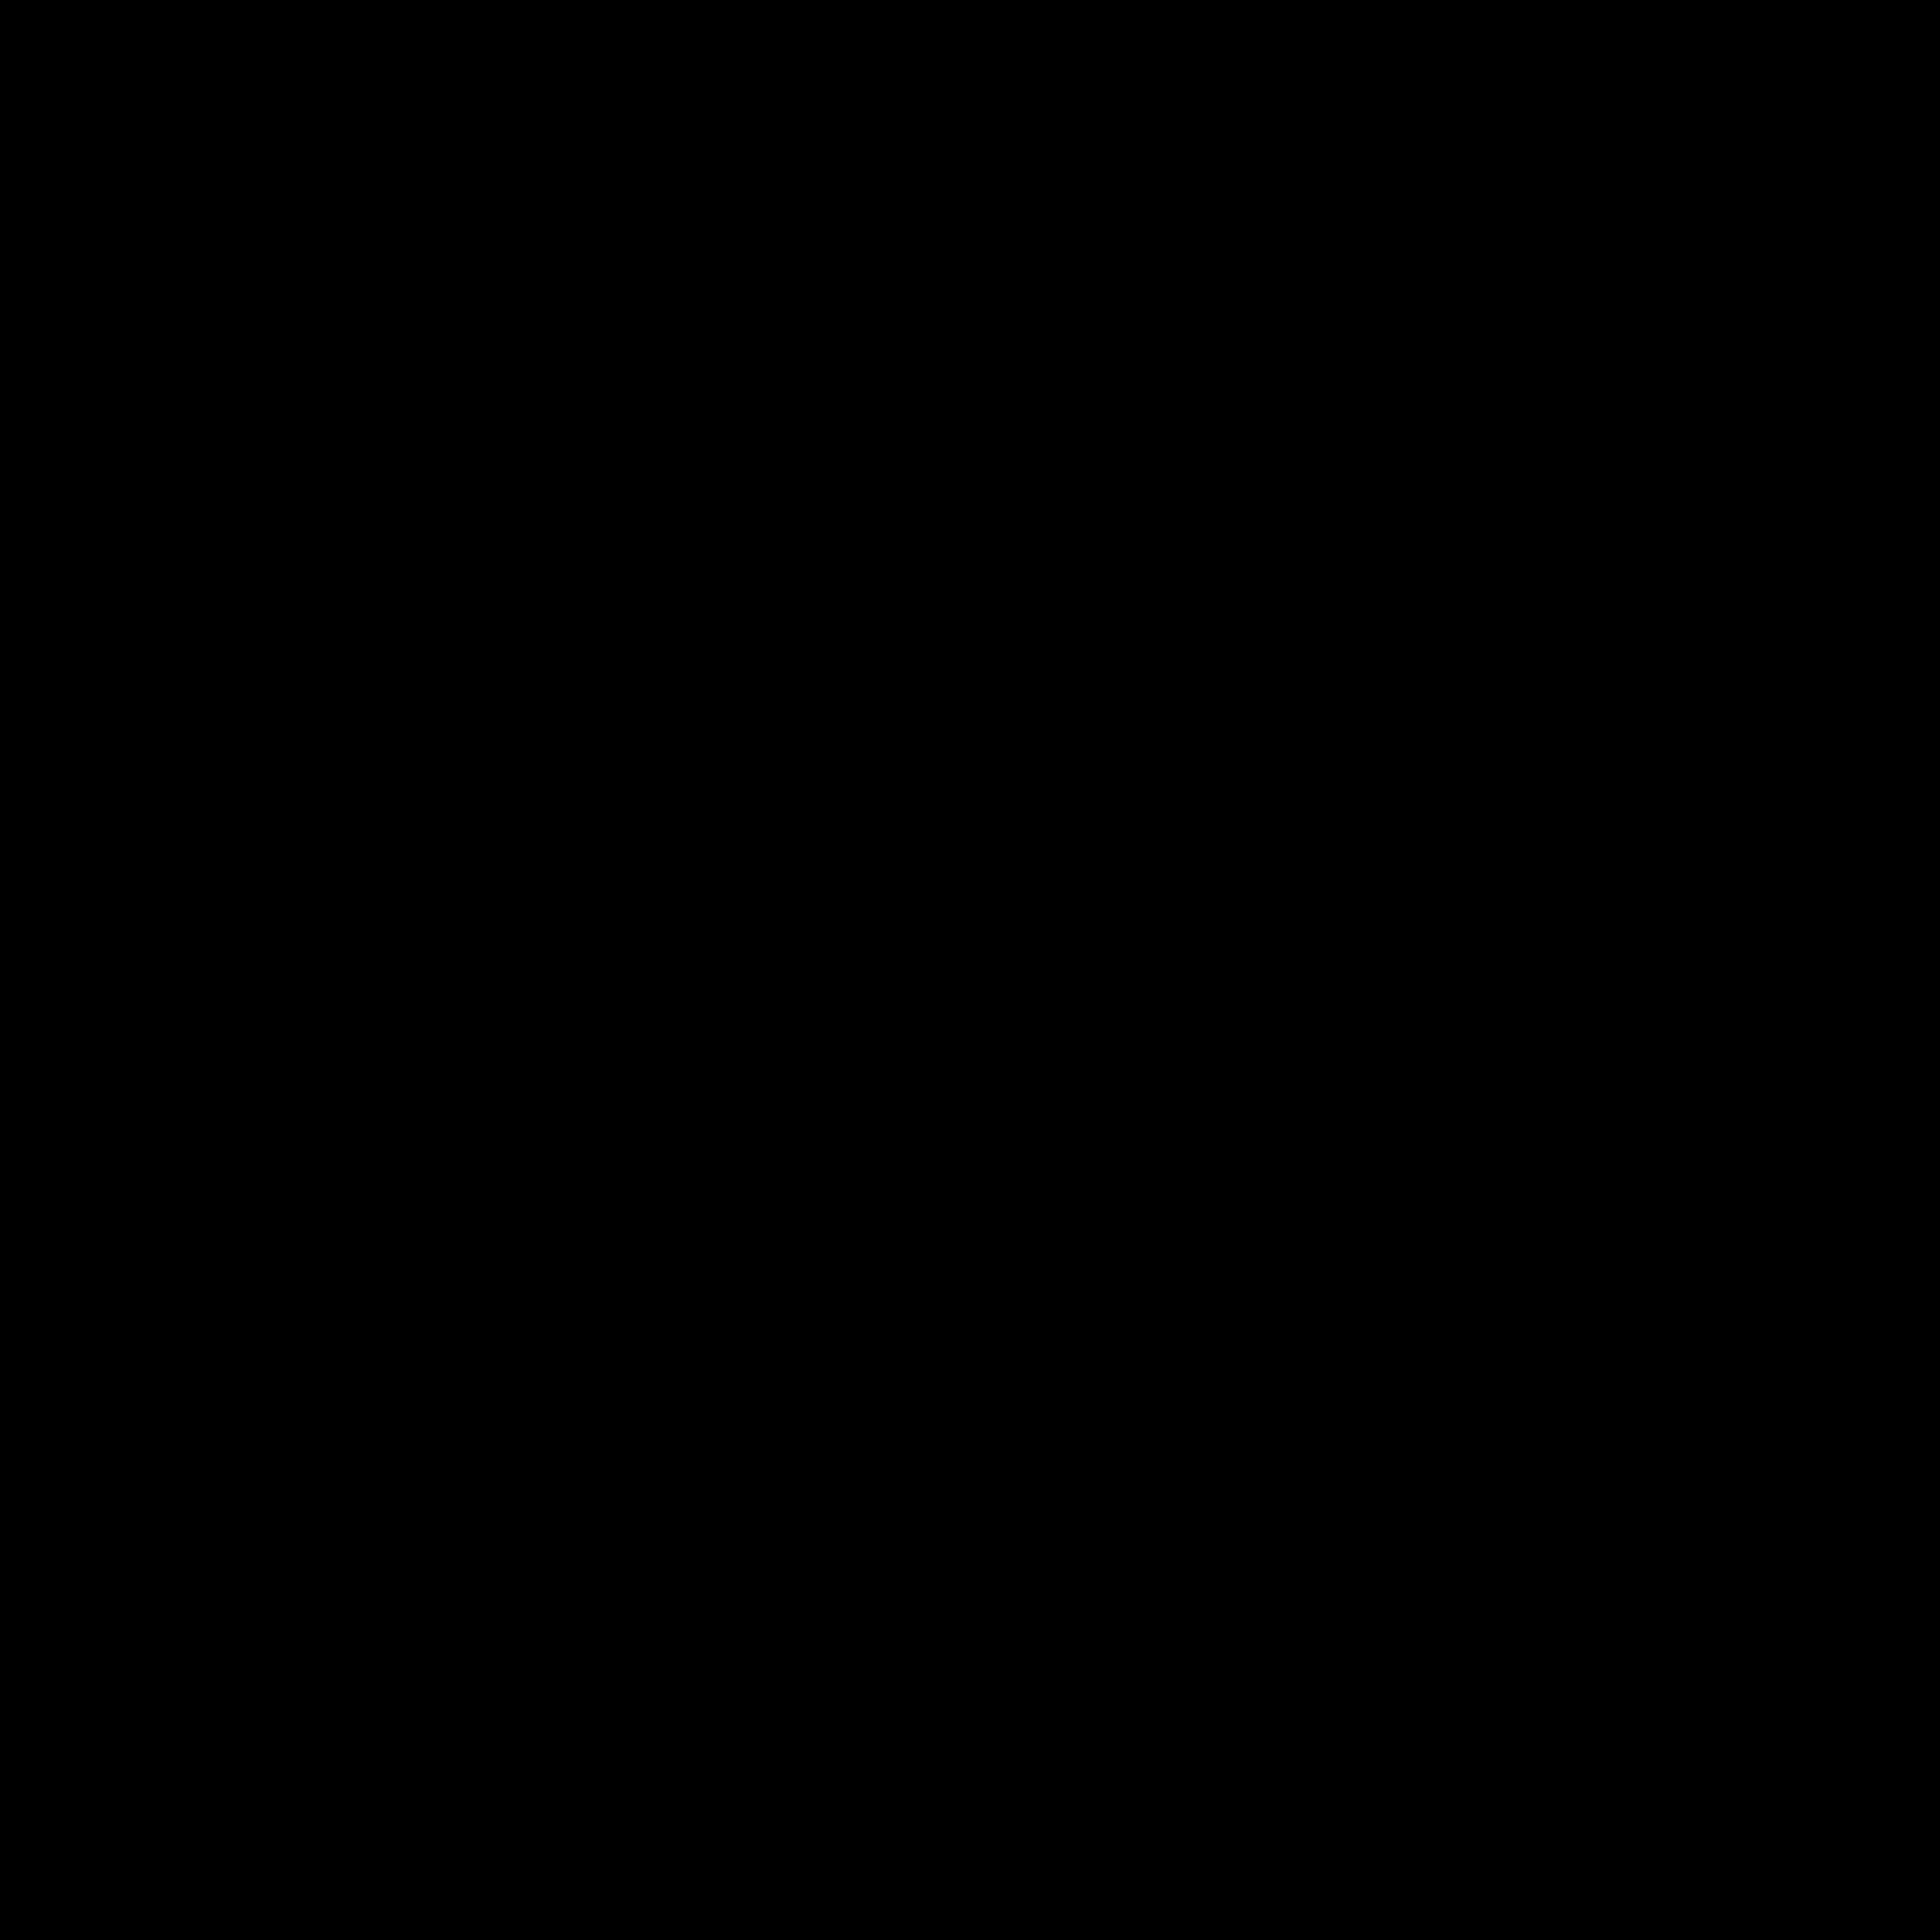 Background image 50 transparent - Background Pattern 50 Black